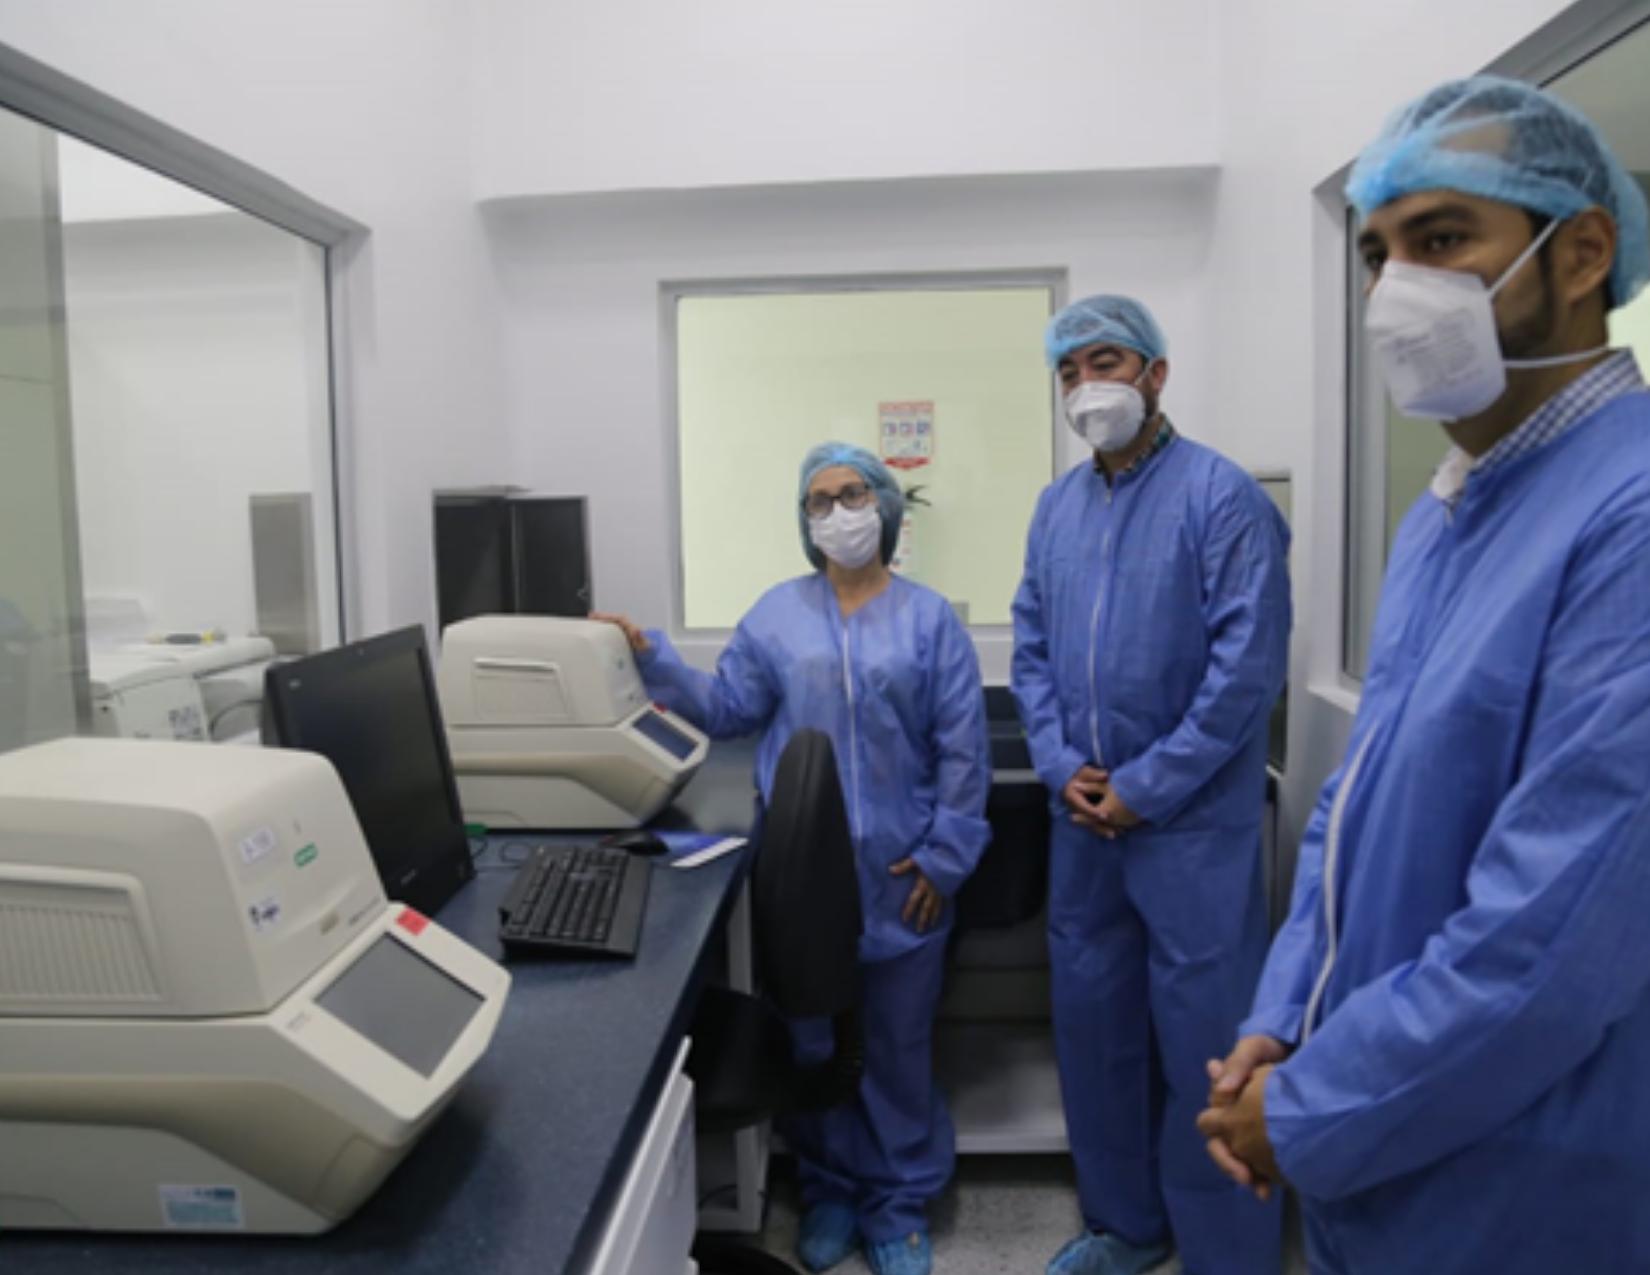 Lucha frontal contra la Covid-19 en Santander. Habilitan dos laboratorios para procesar más pruebas | Región | Santander | EL FRENTE